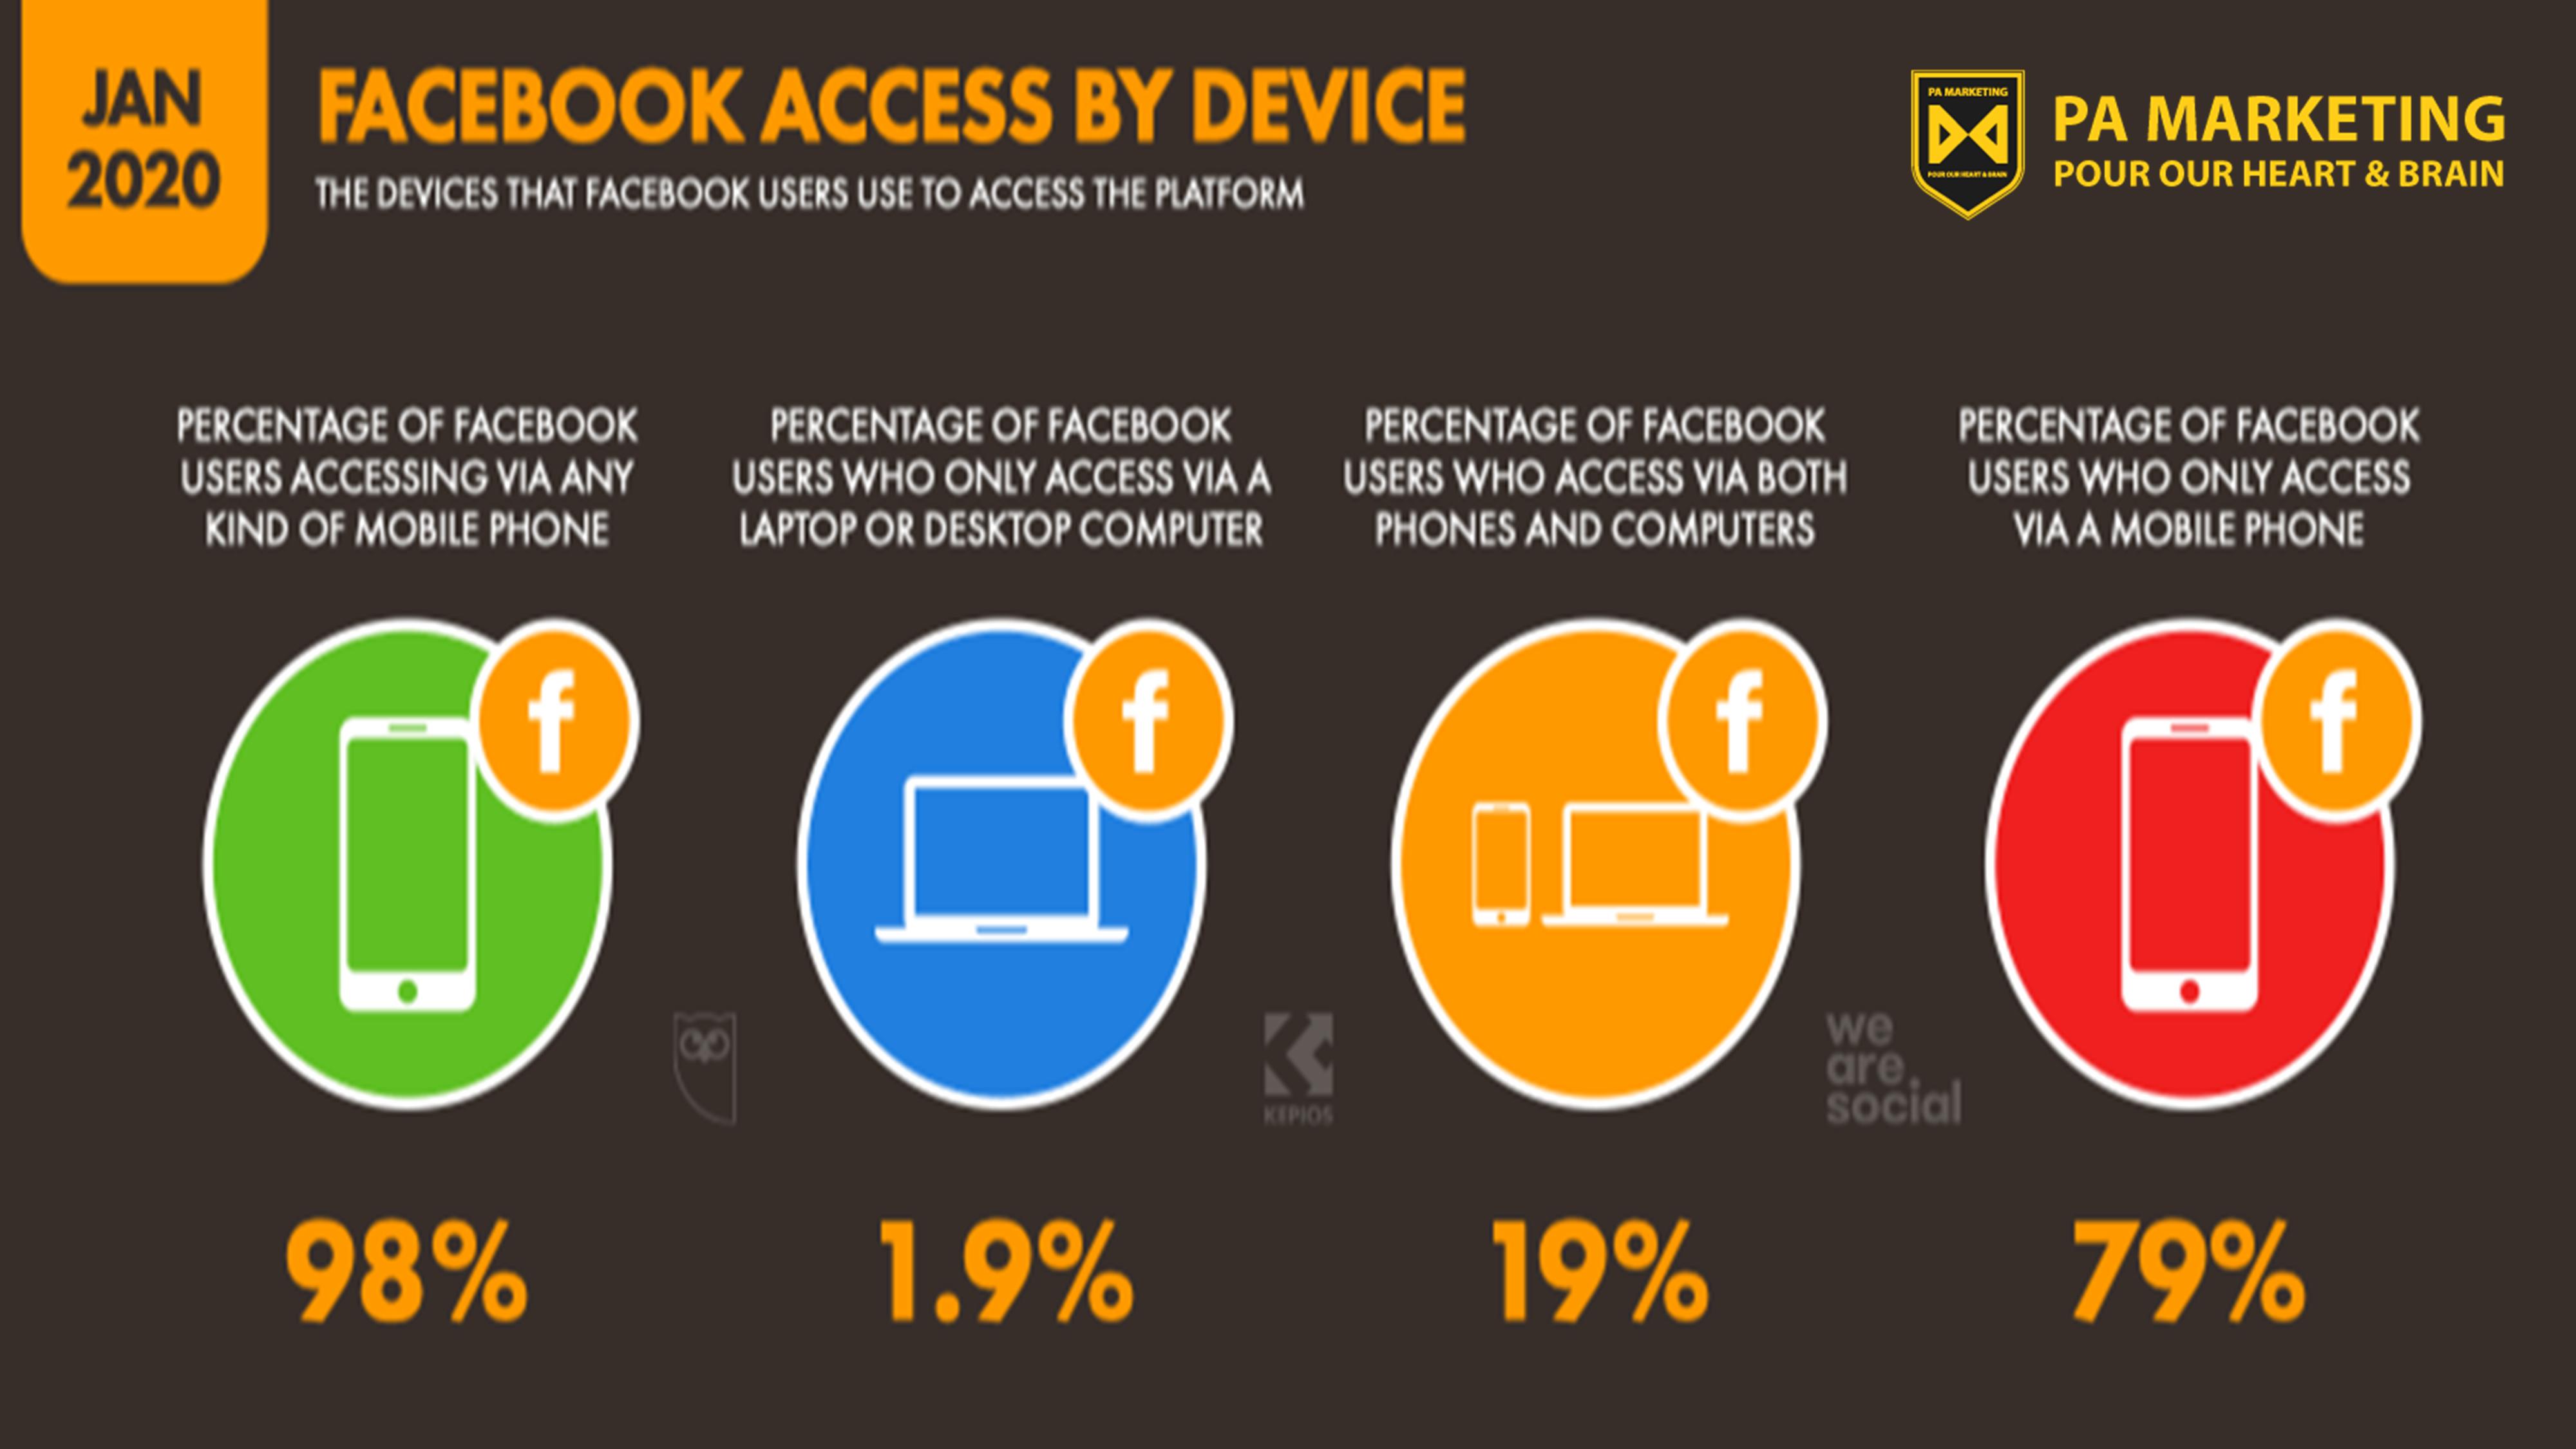 Mô hình kinh doanh trên Facebook - cách người dùng sử dụng thiết bị của họ - Nguồn Wearesocial